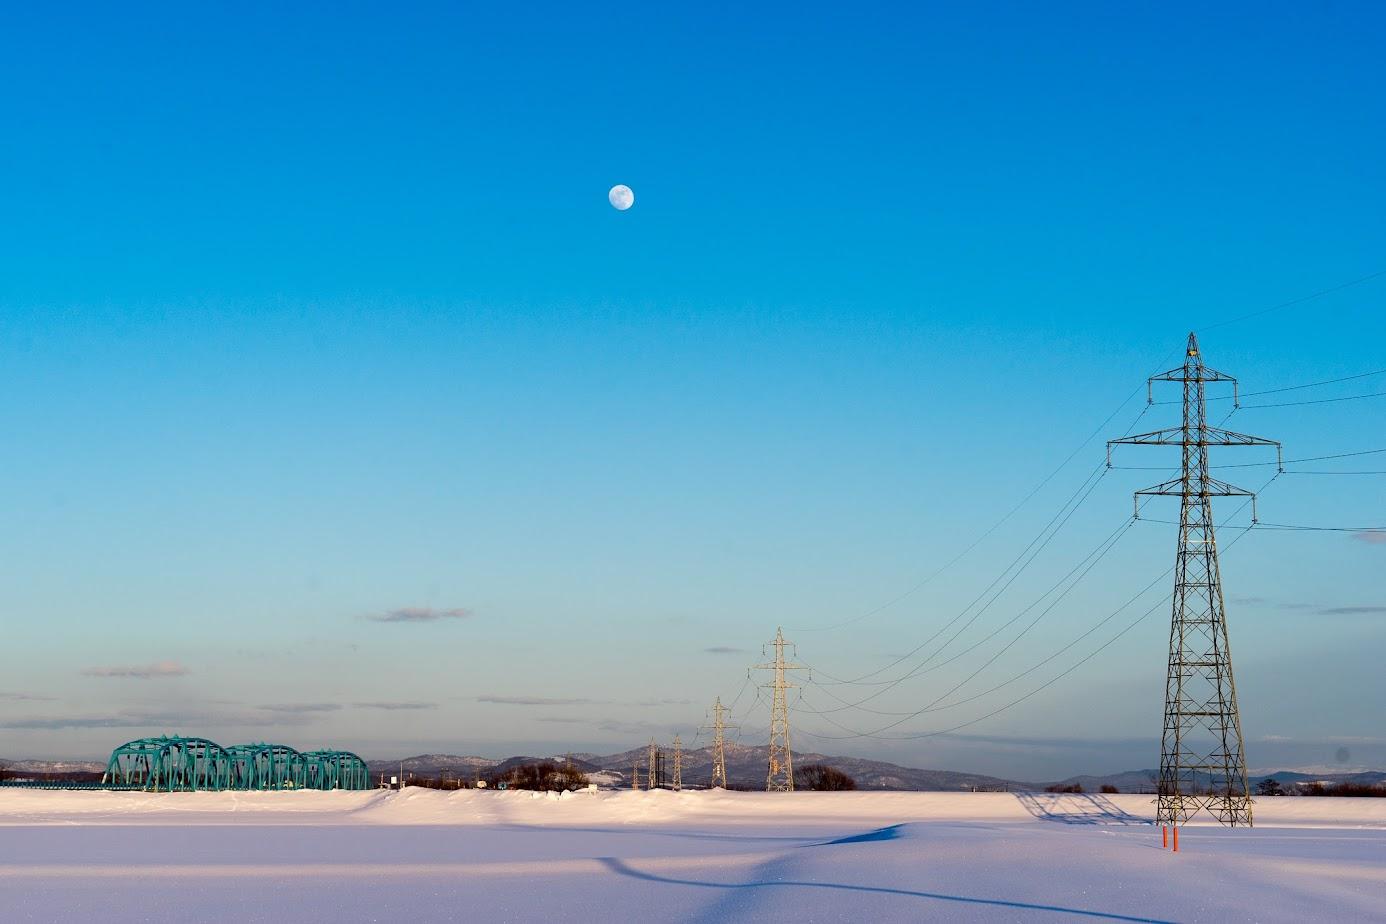 紺碧色の空に浮かぶ白い月